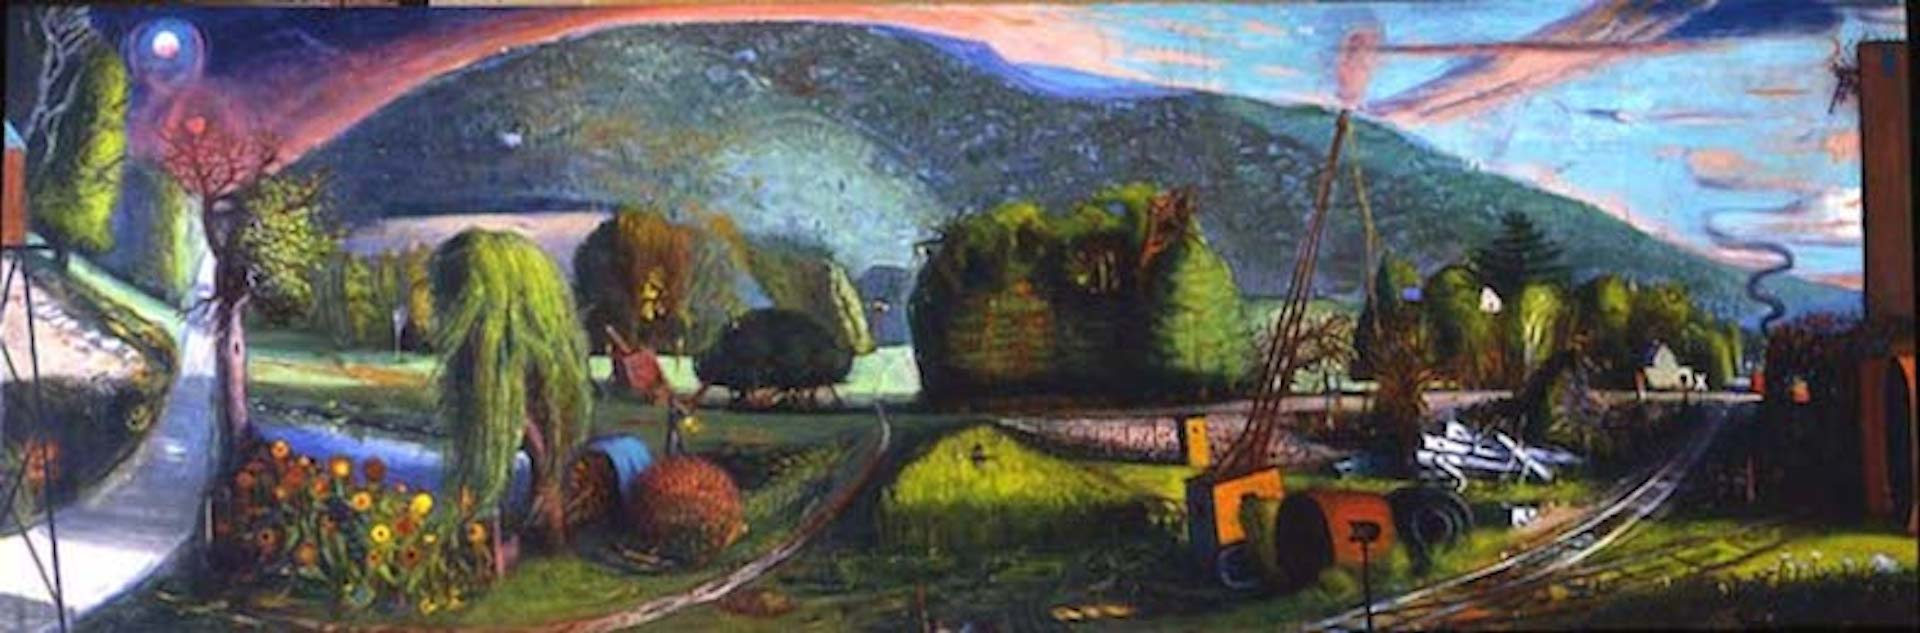 crane 18.jpg